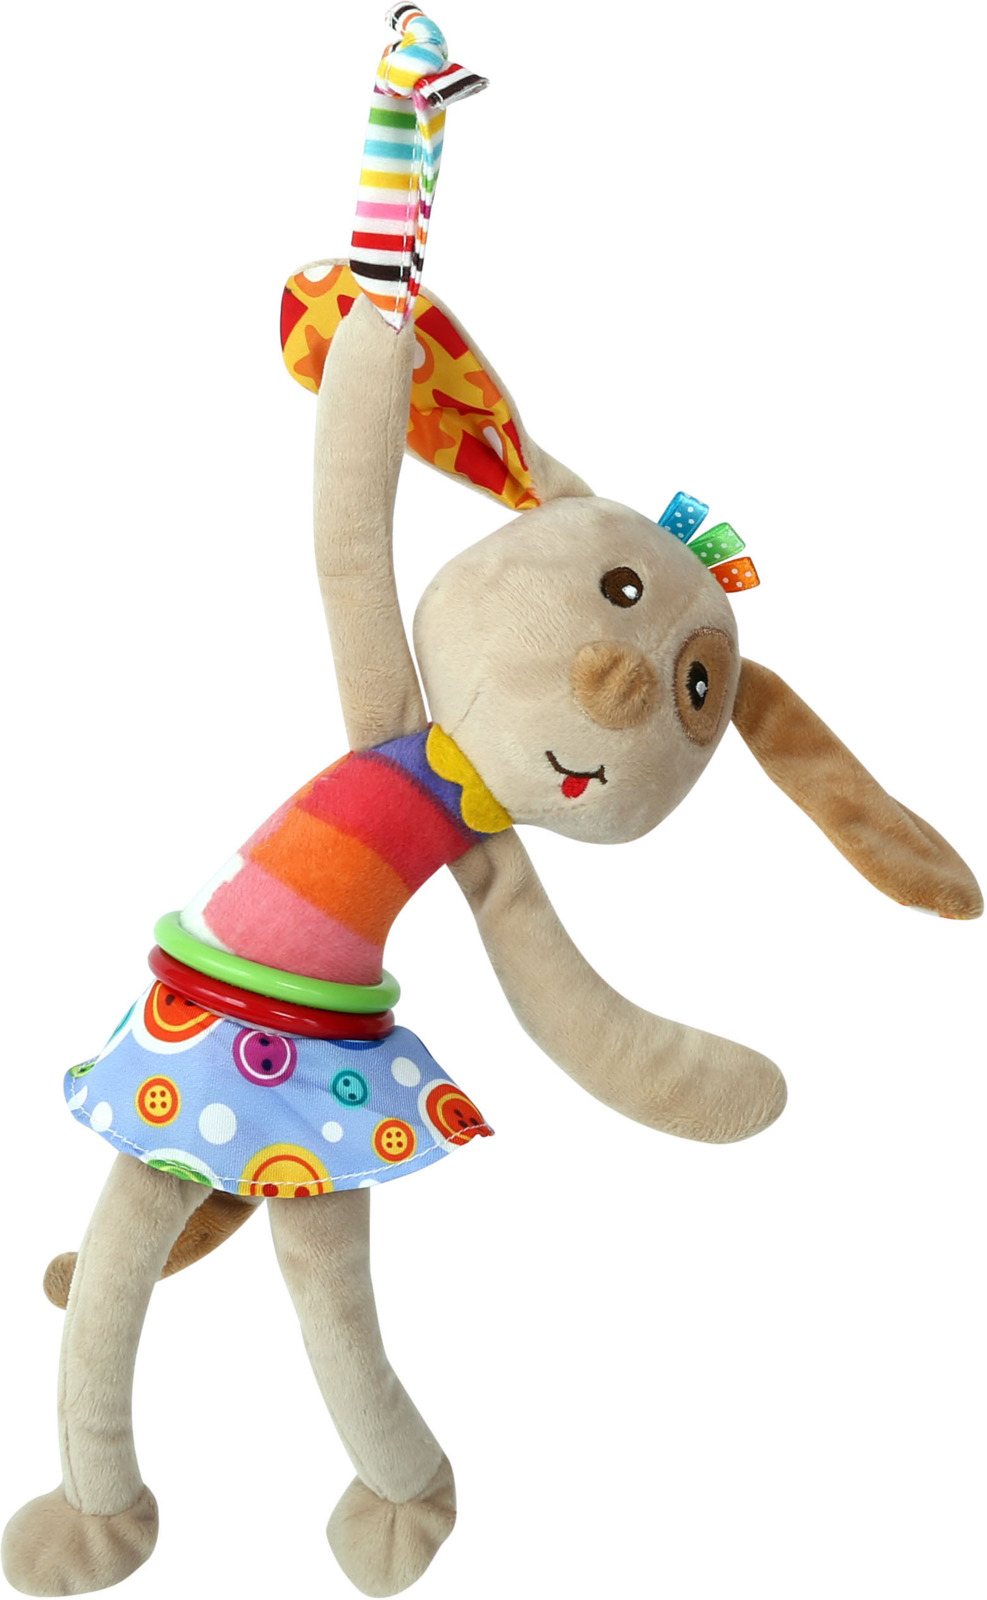 Развивающая игрушка с вибрацией Lorelli Toys Собачка. 10191200003 развивающая игрушка lorelli toys обними меня мартышка 10191260001